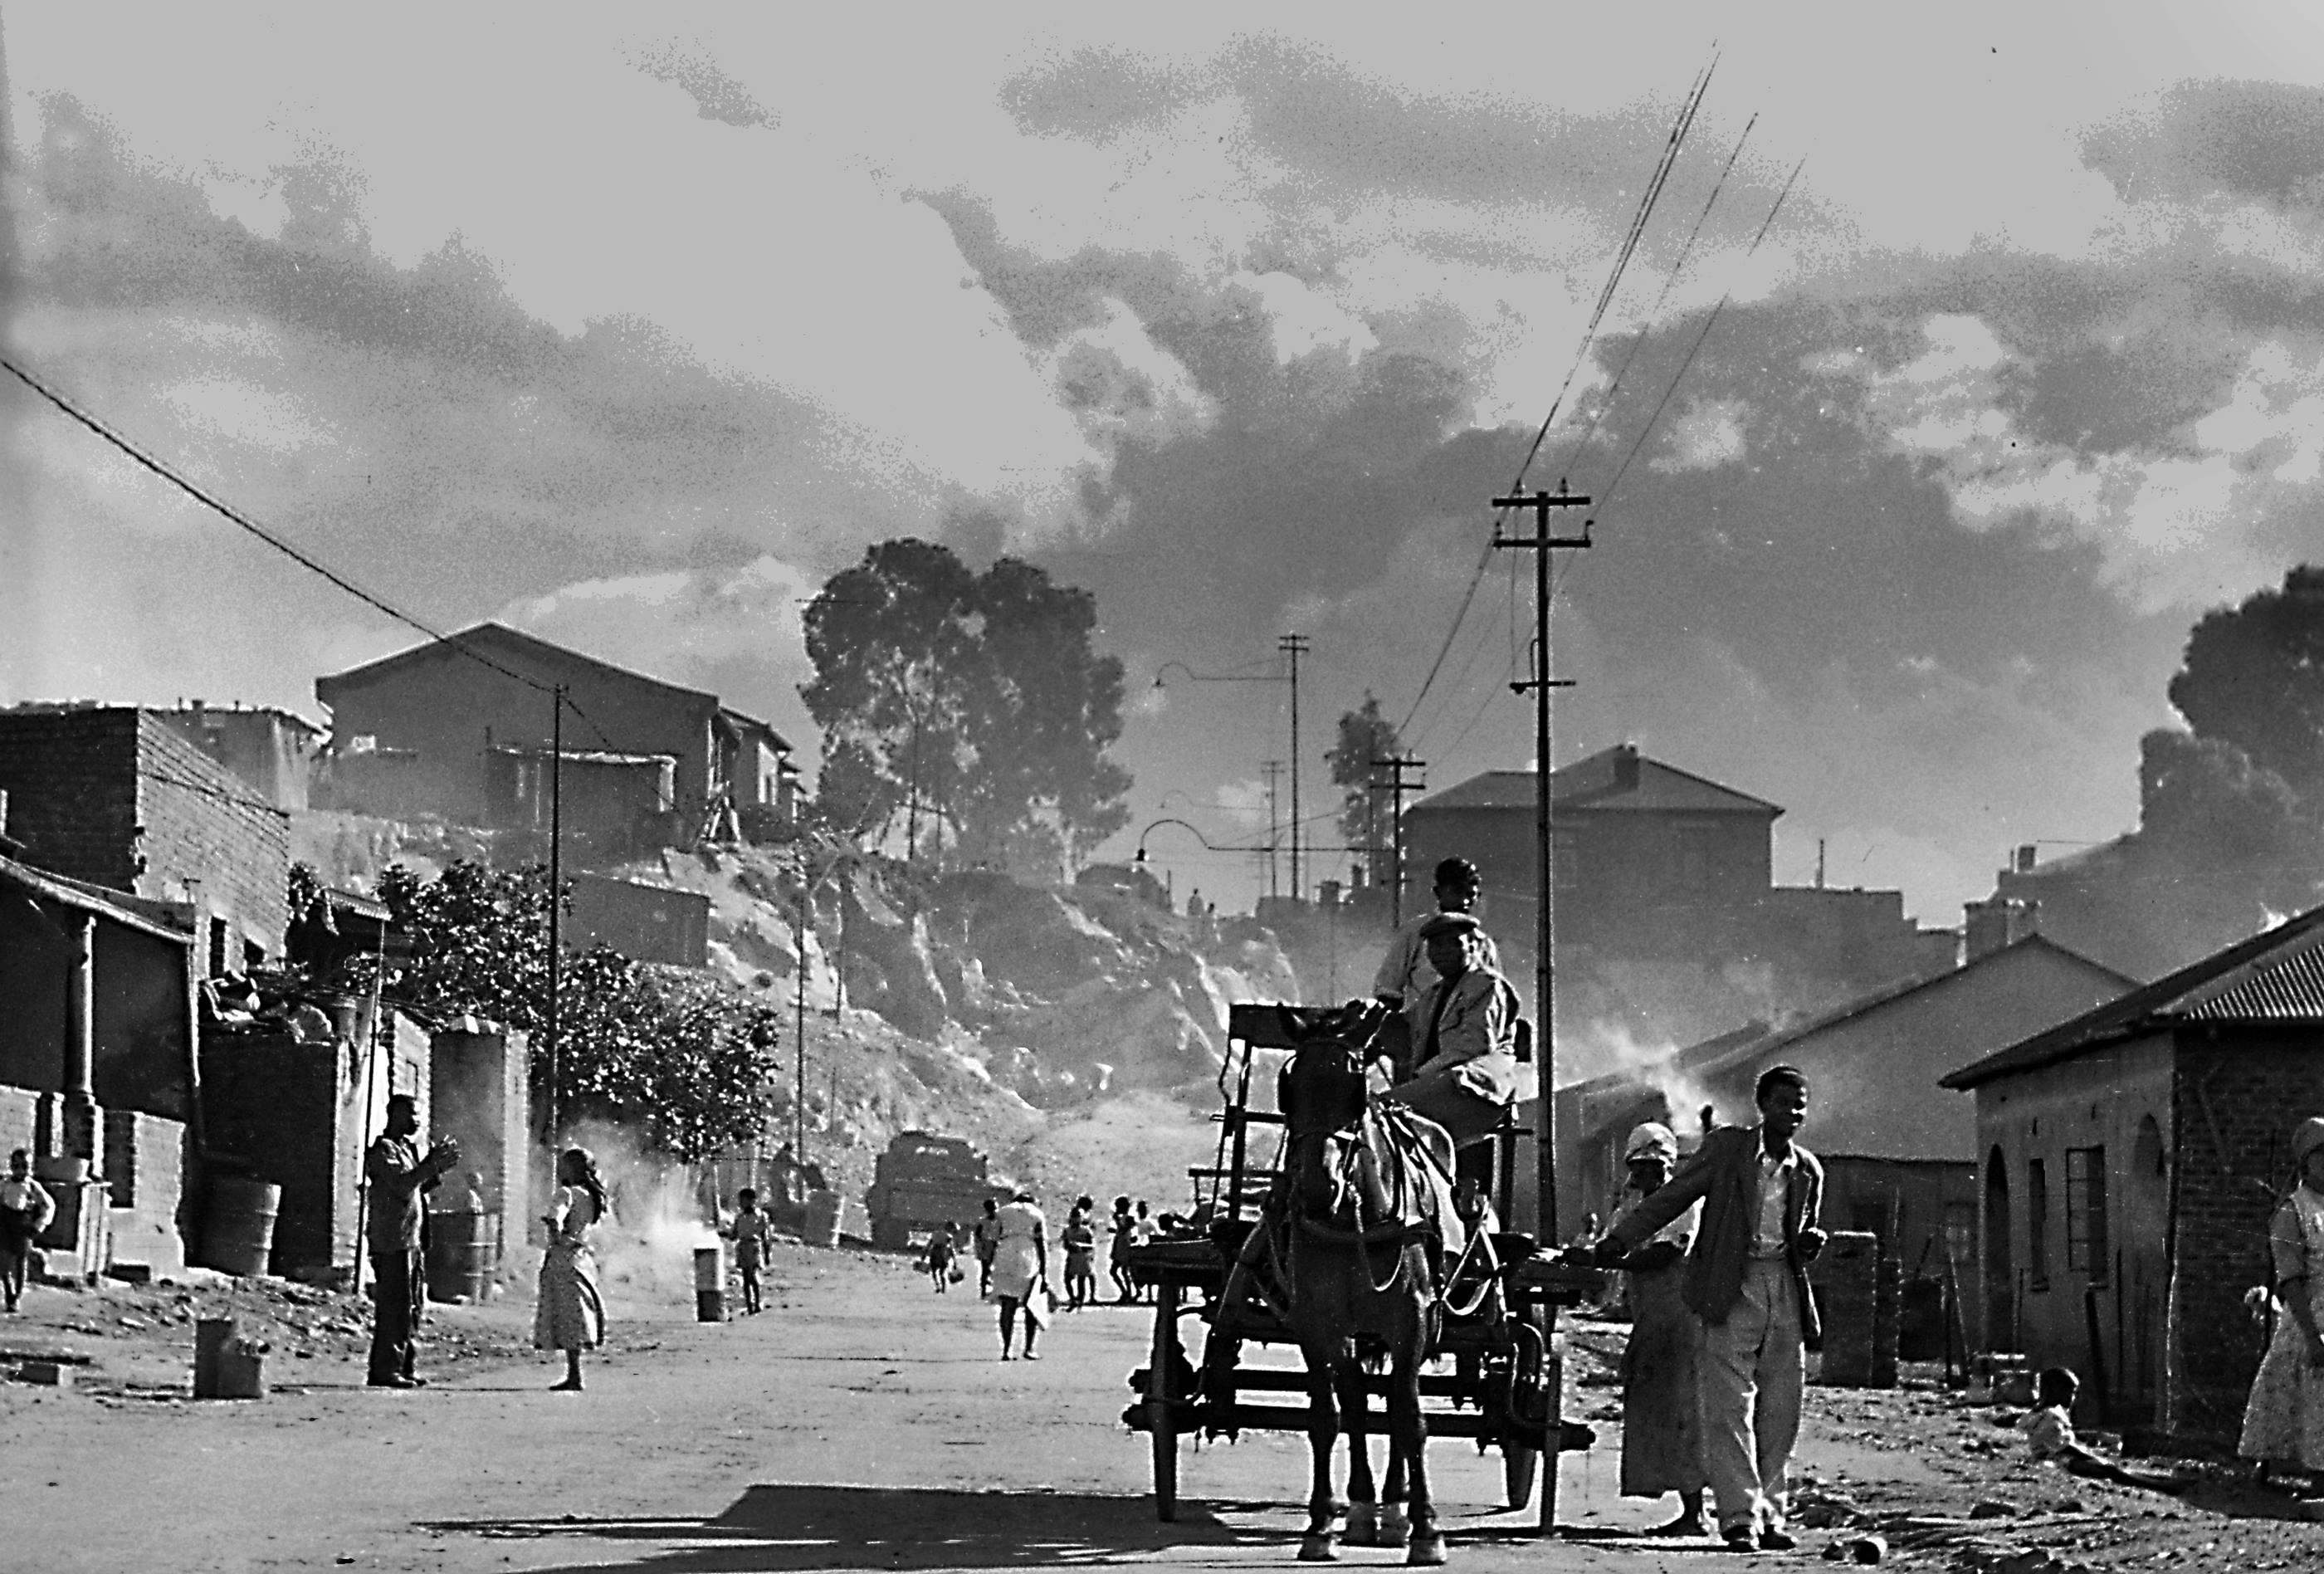 Sophiatown scene, Johannesburg, 1951<br/>